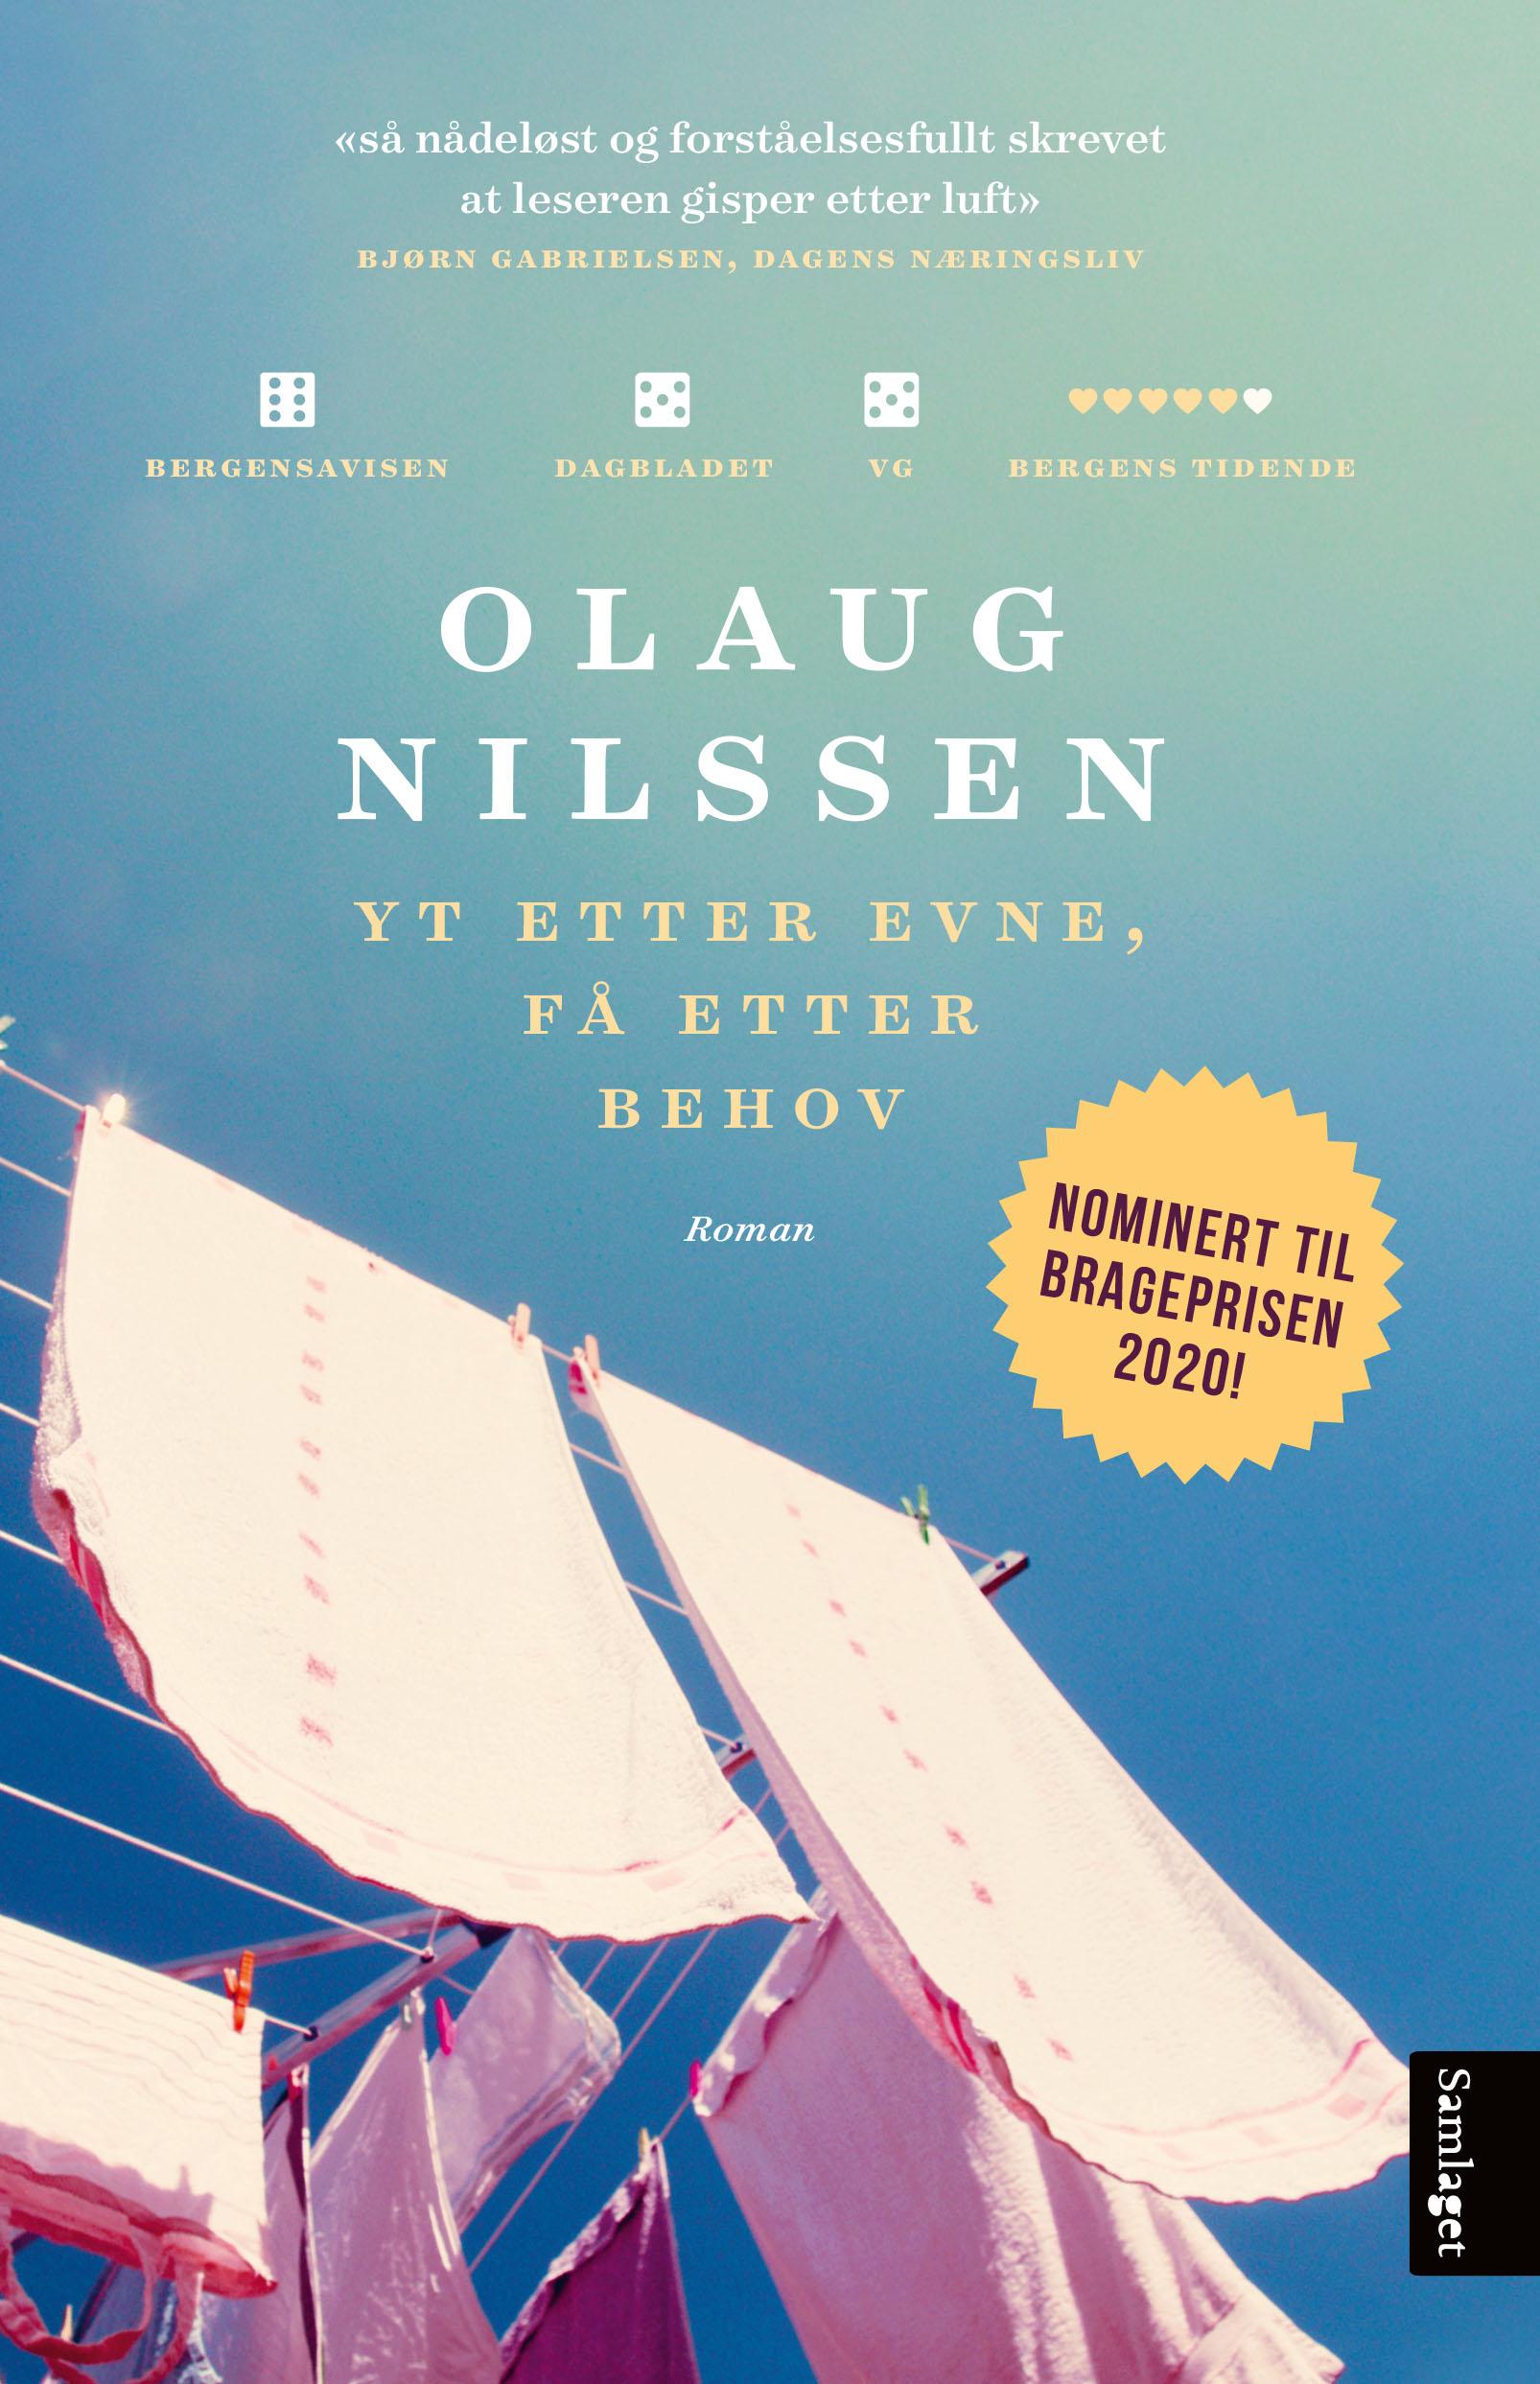 """""""Yt etter evne, få etter behov - roman"""" av Olaug Nilssen"""